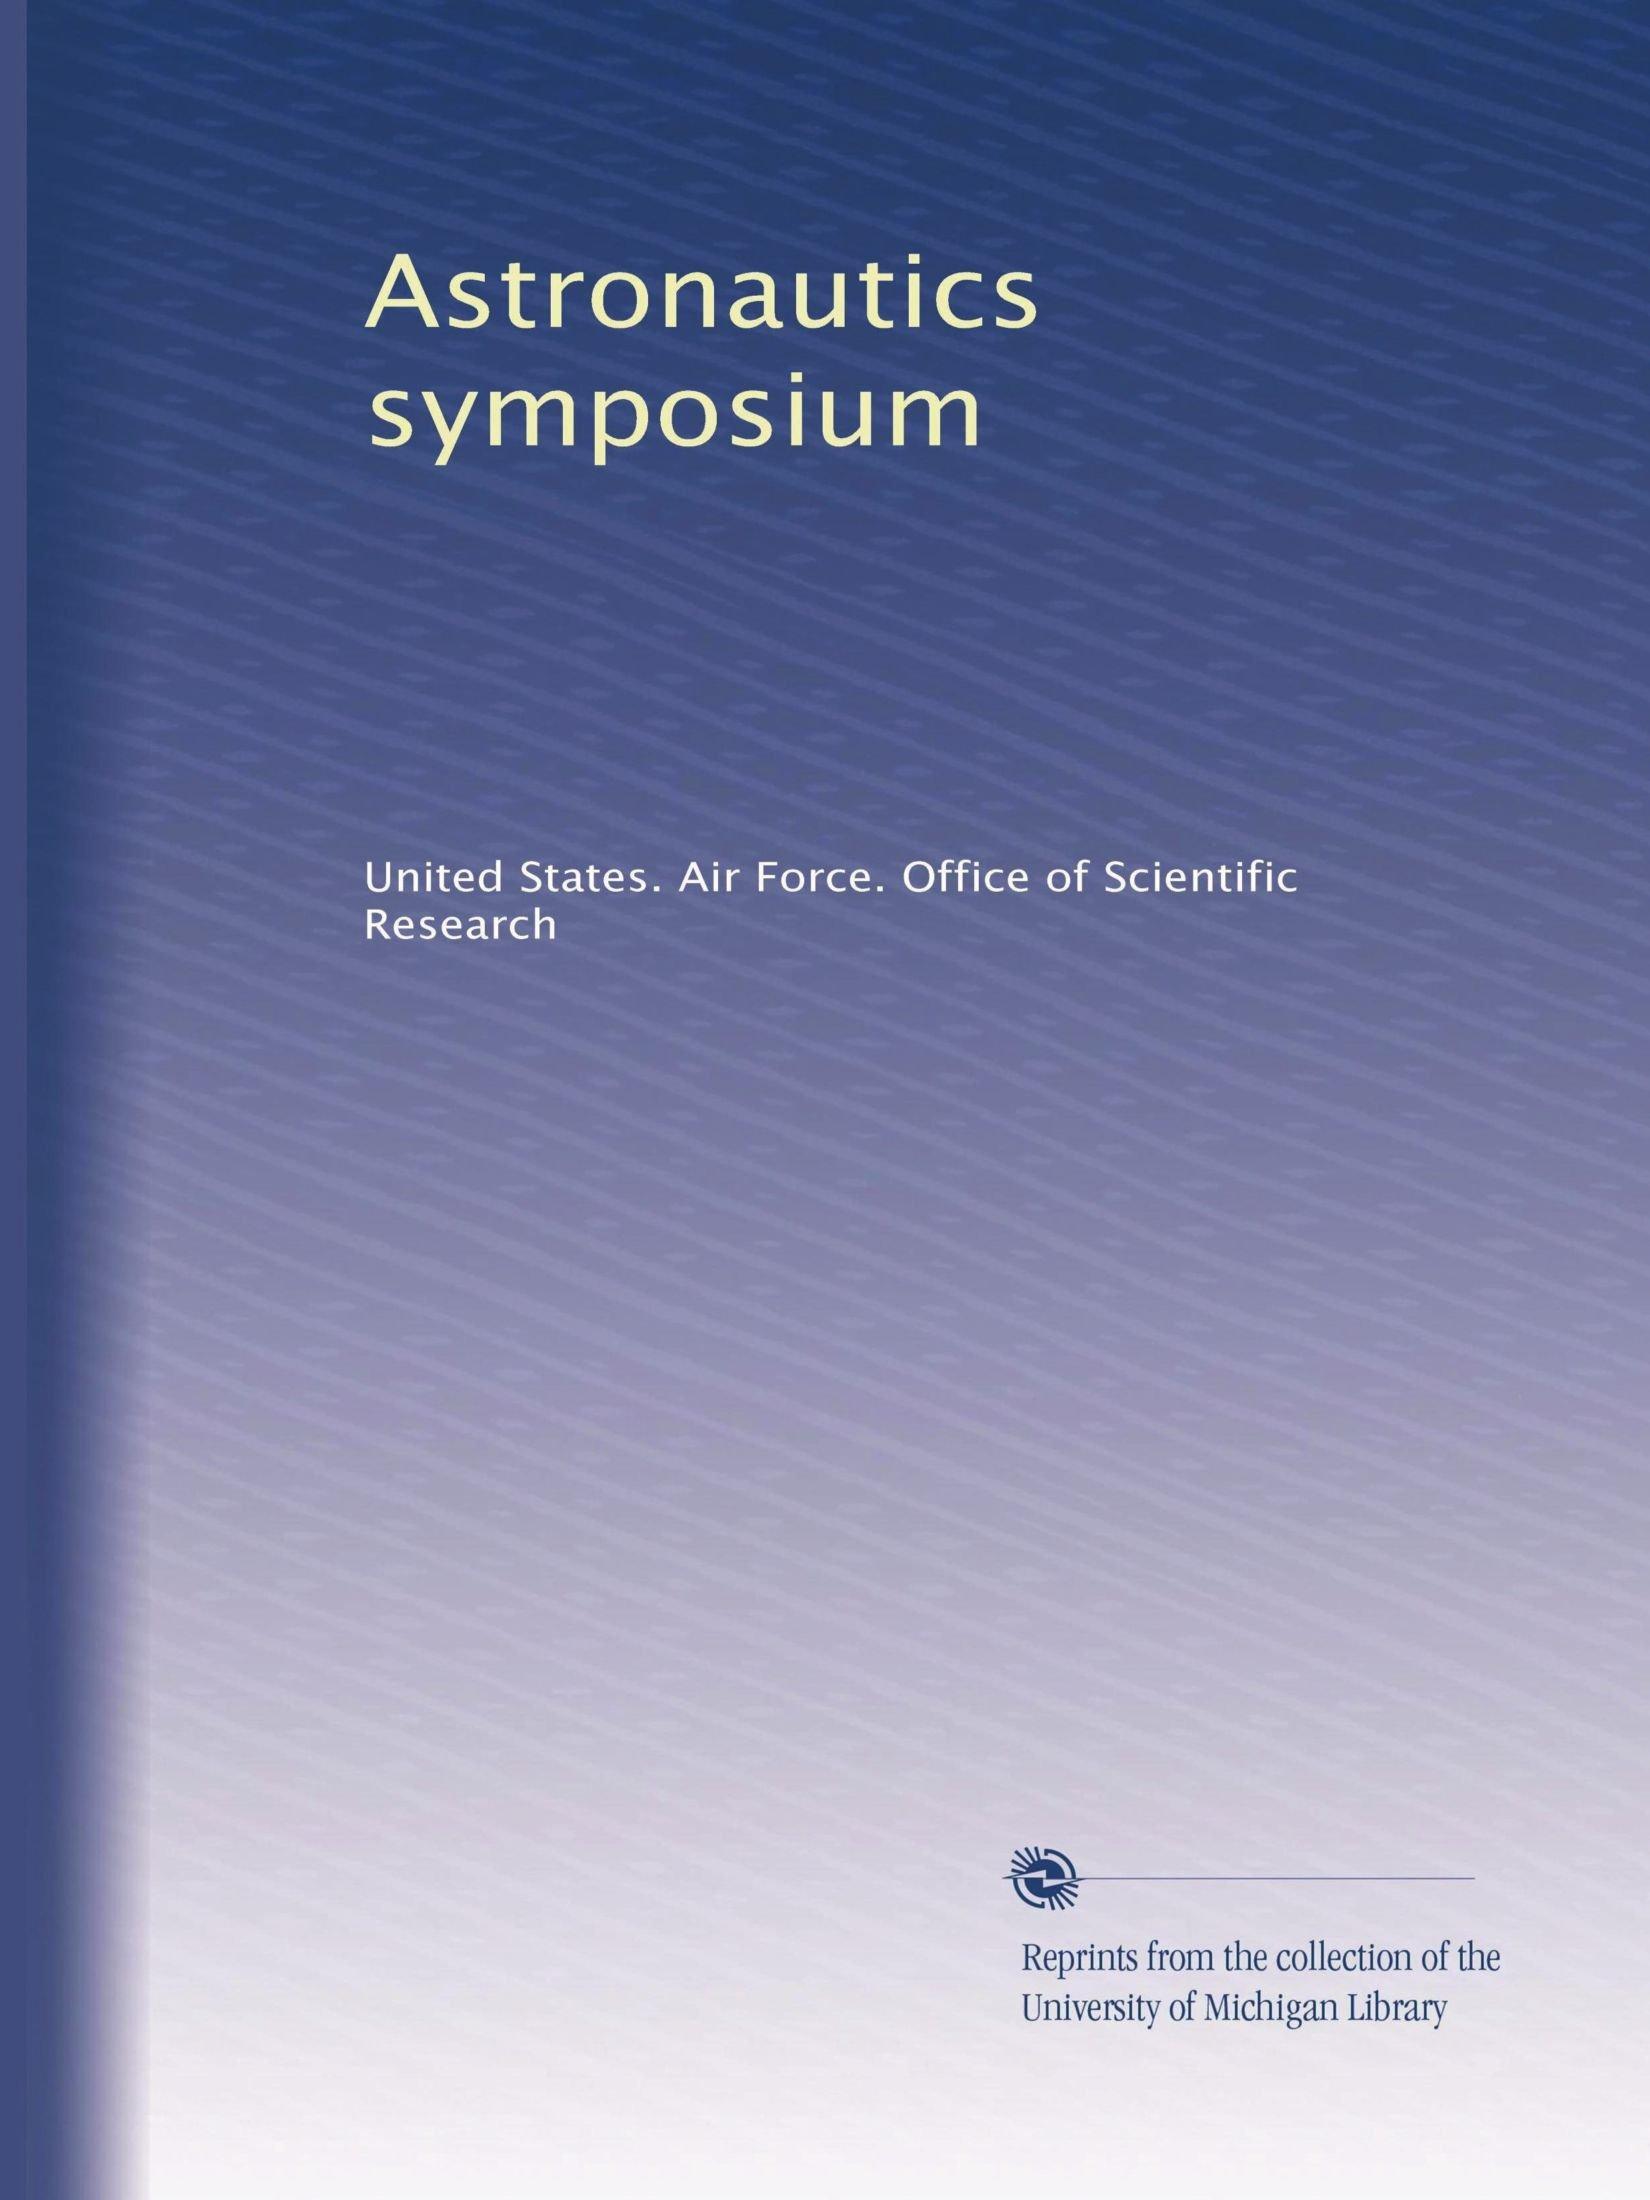 Astronautics symposium (Volume 4) PDF